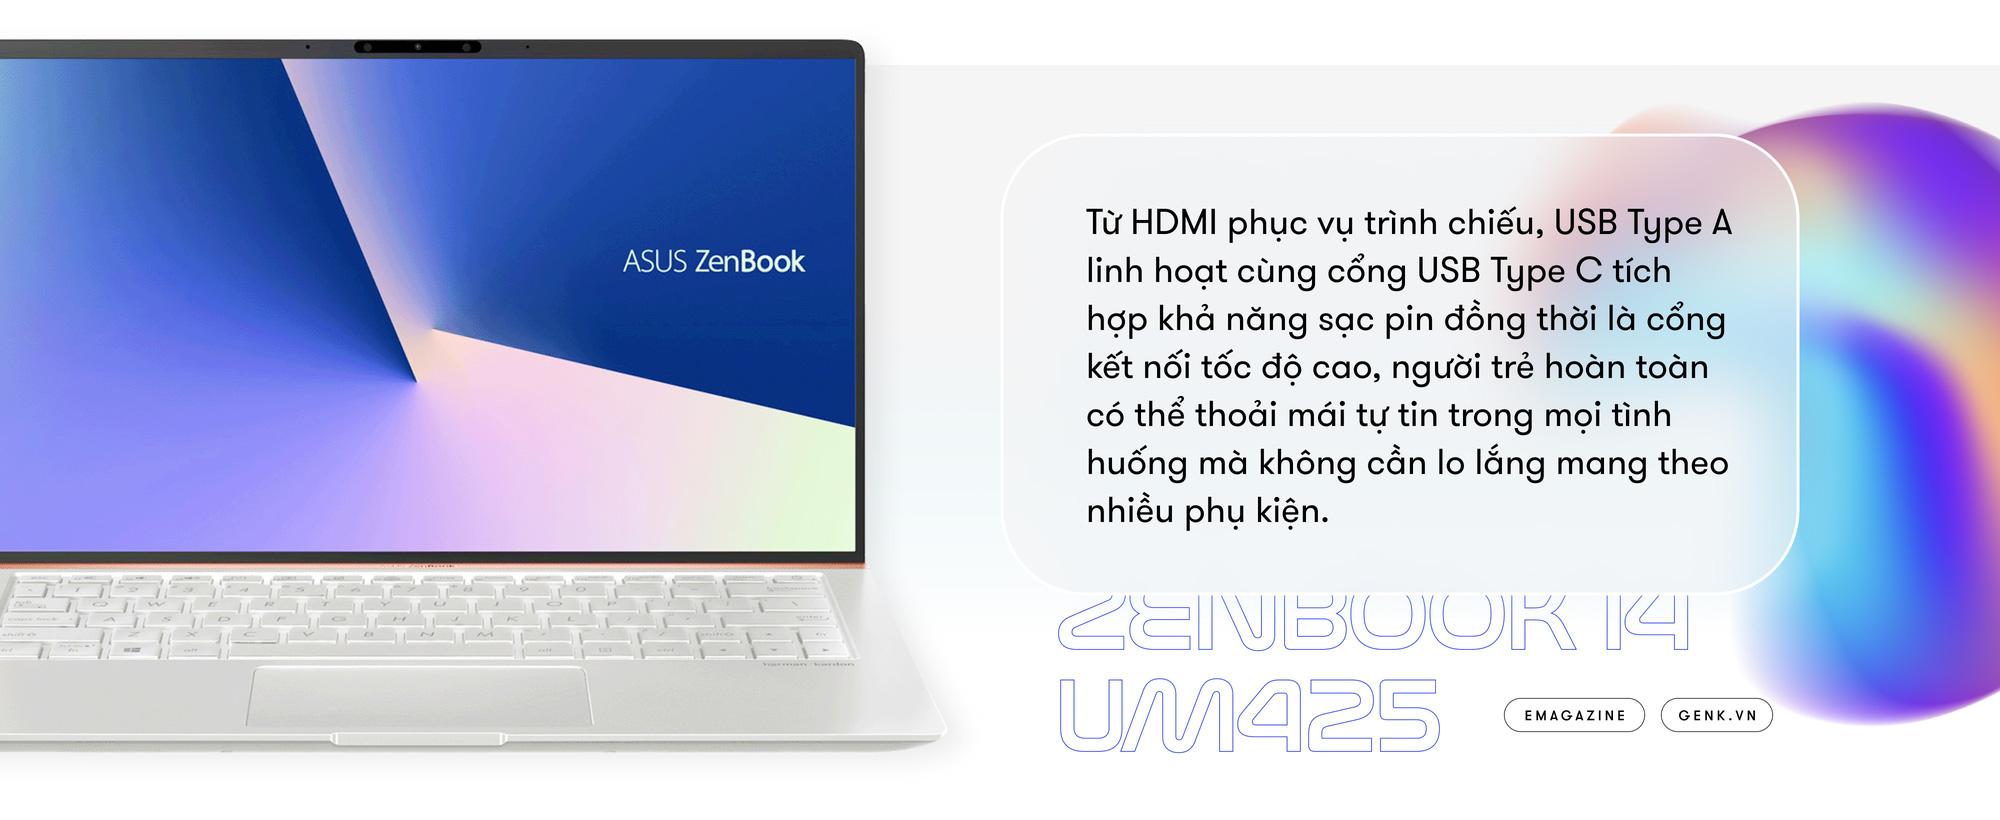 Điểm mặt laptop Asus thế hệ mới: tuyên ngôn sống đầy tự tin năng động mang đậm phong cách công dân thời đại số - Ảnh 5.